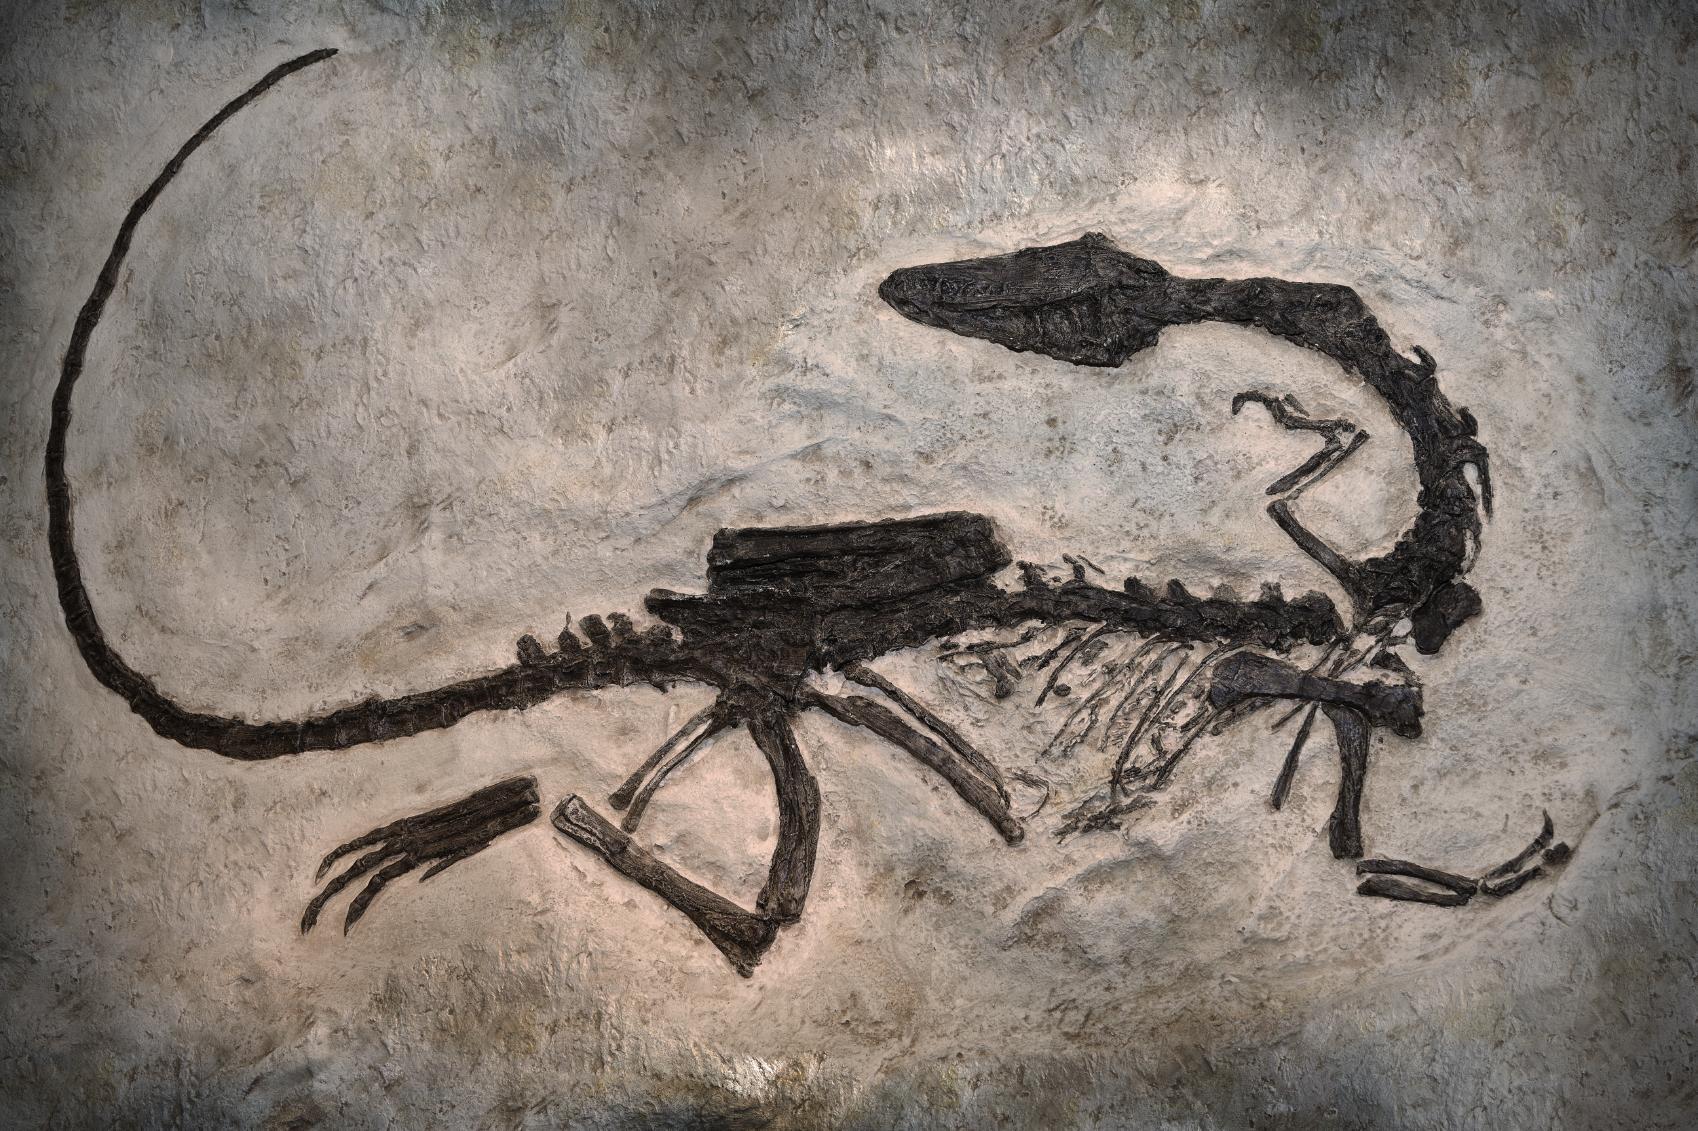 Genomic Data, the Fossil Record, and Bioinformatics